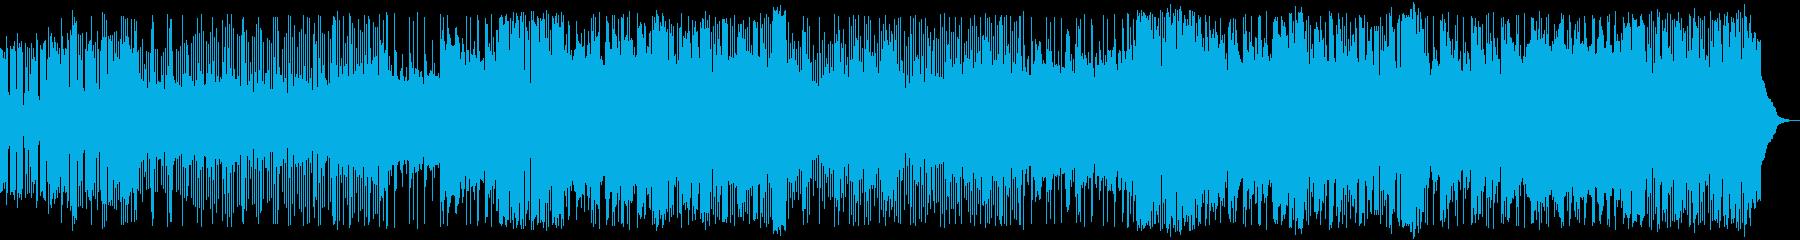 コマーシャル用の音楽。エンリケ・イ...の再生済みの波形